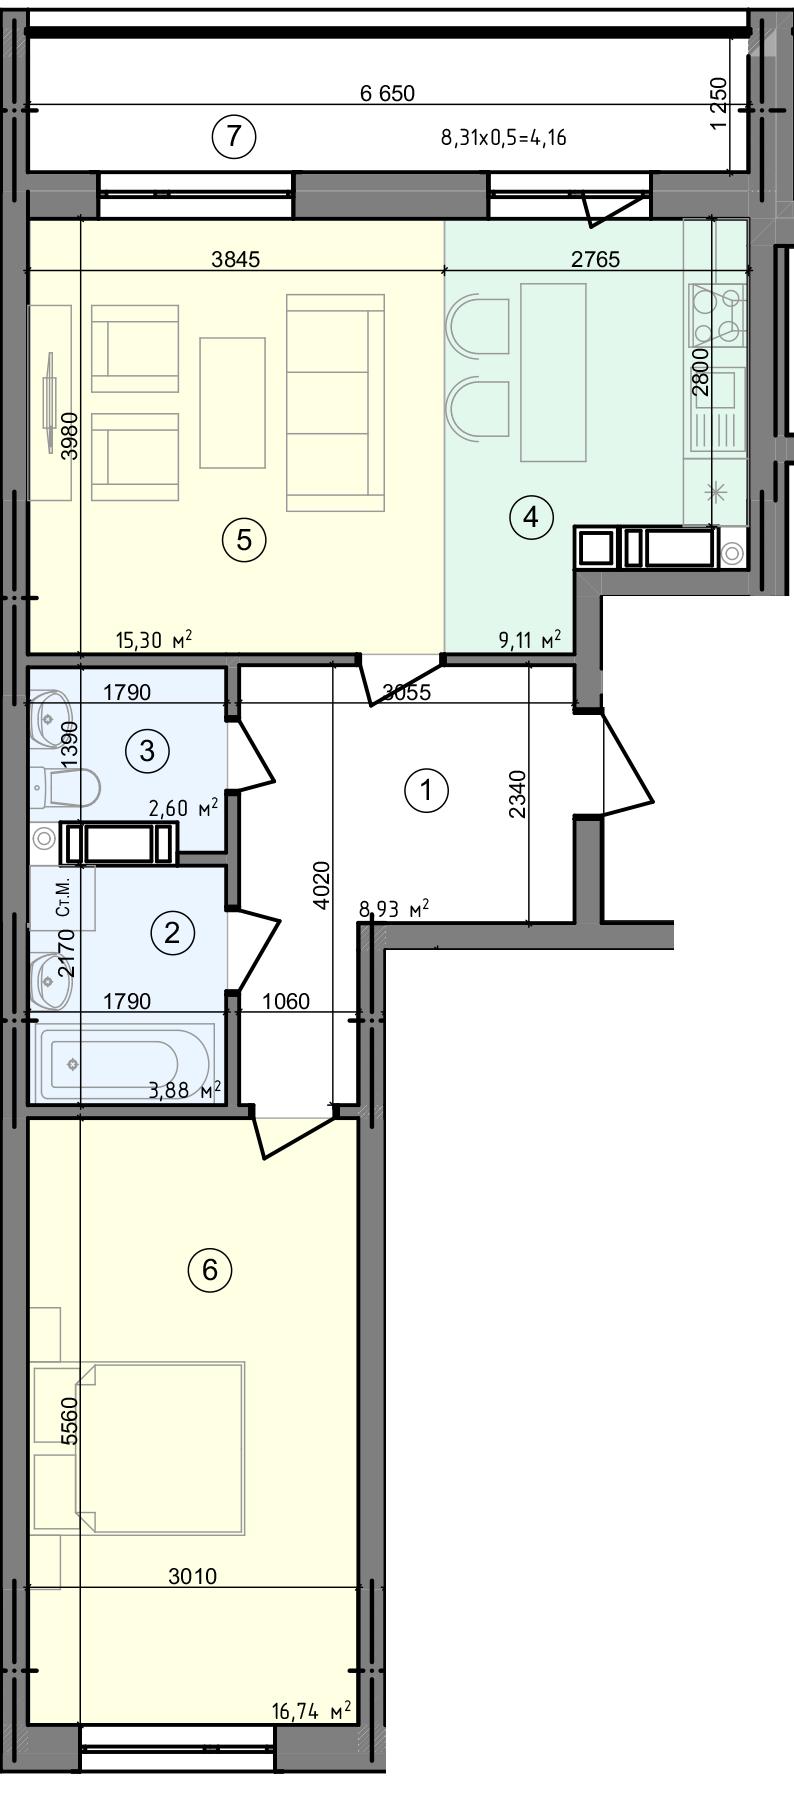 Купити Двокімнатна квартира 60,72 кв.м., тип 2.1, будинок 3, секція 3 в Києві Голосіївський район